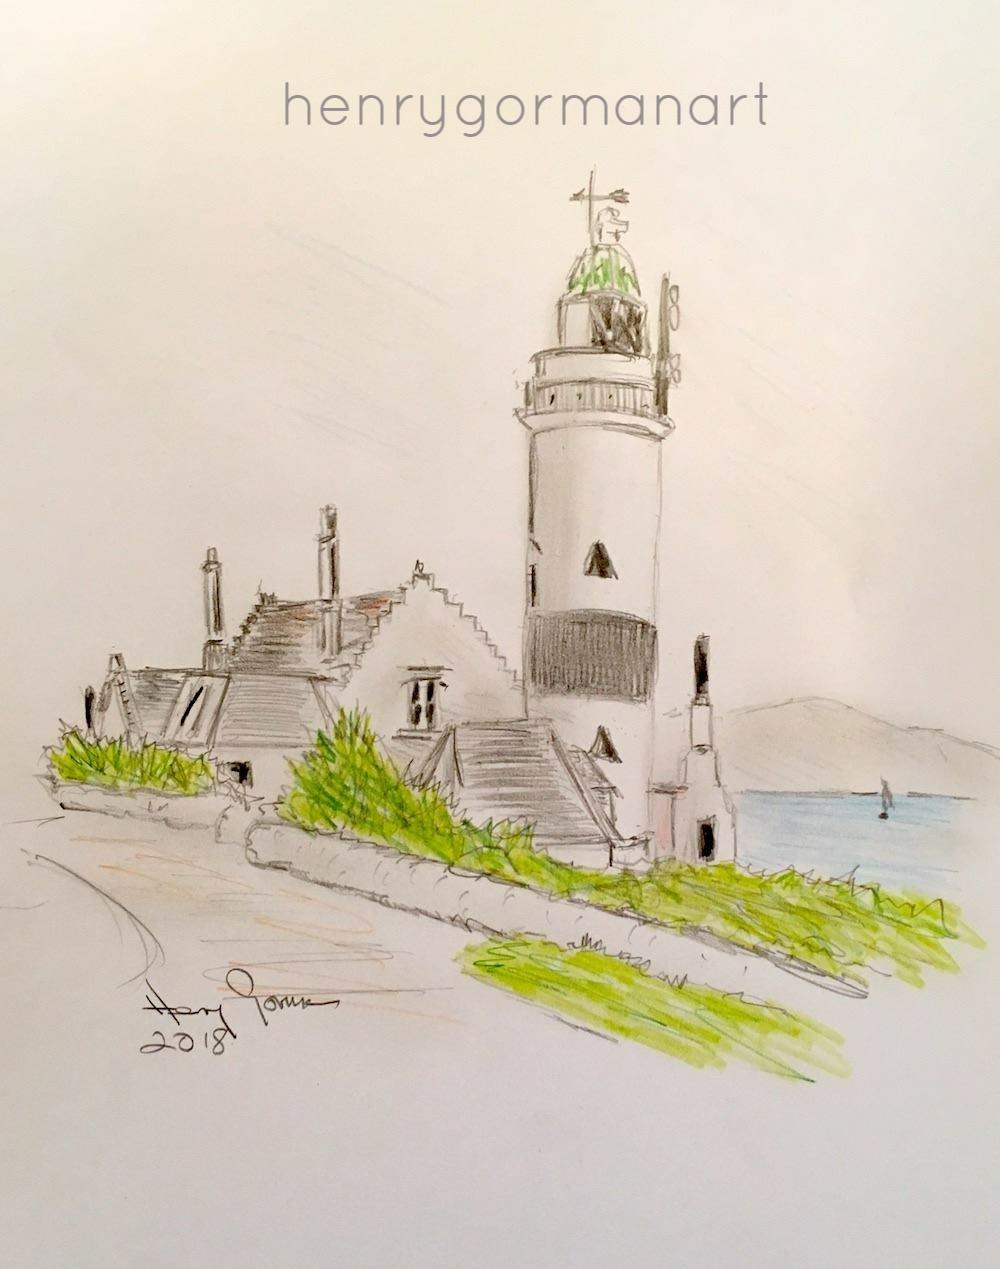 'Cloch Lighthouse' Gourock